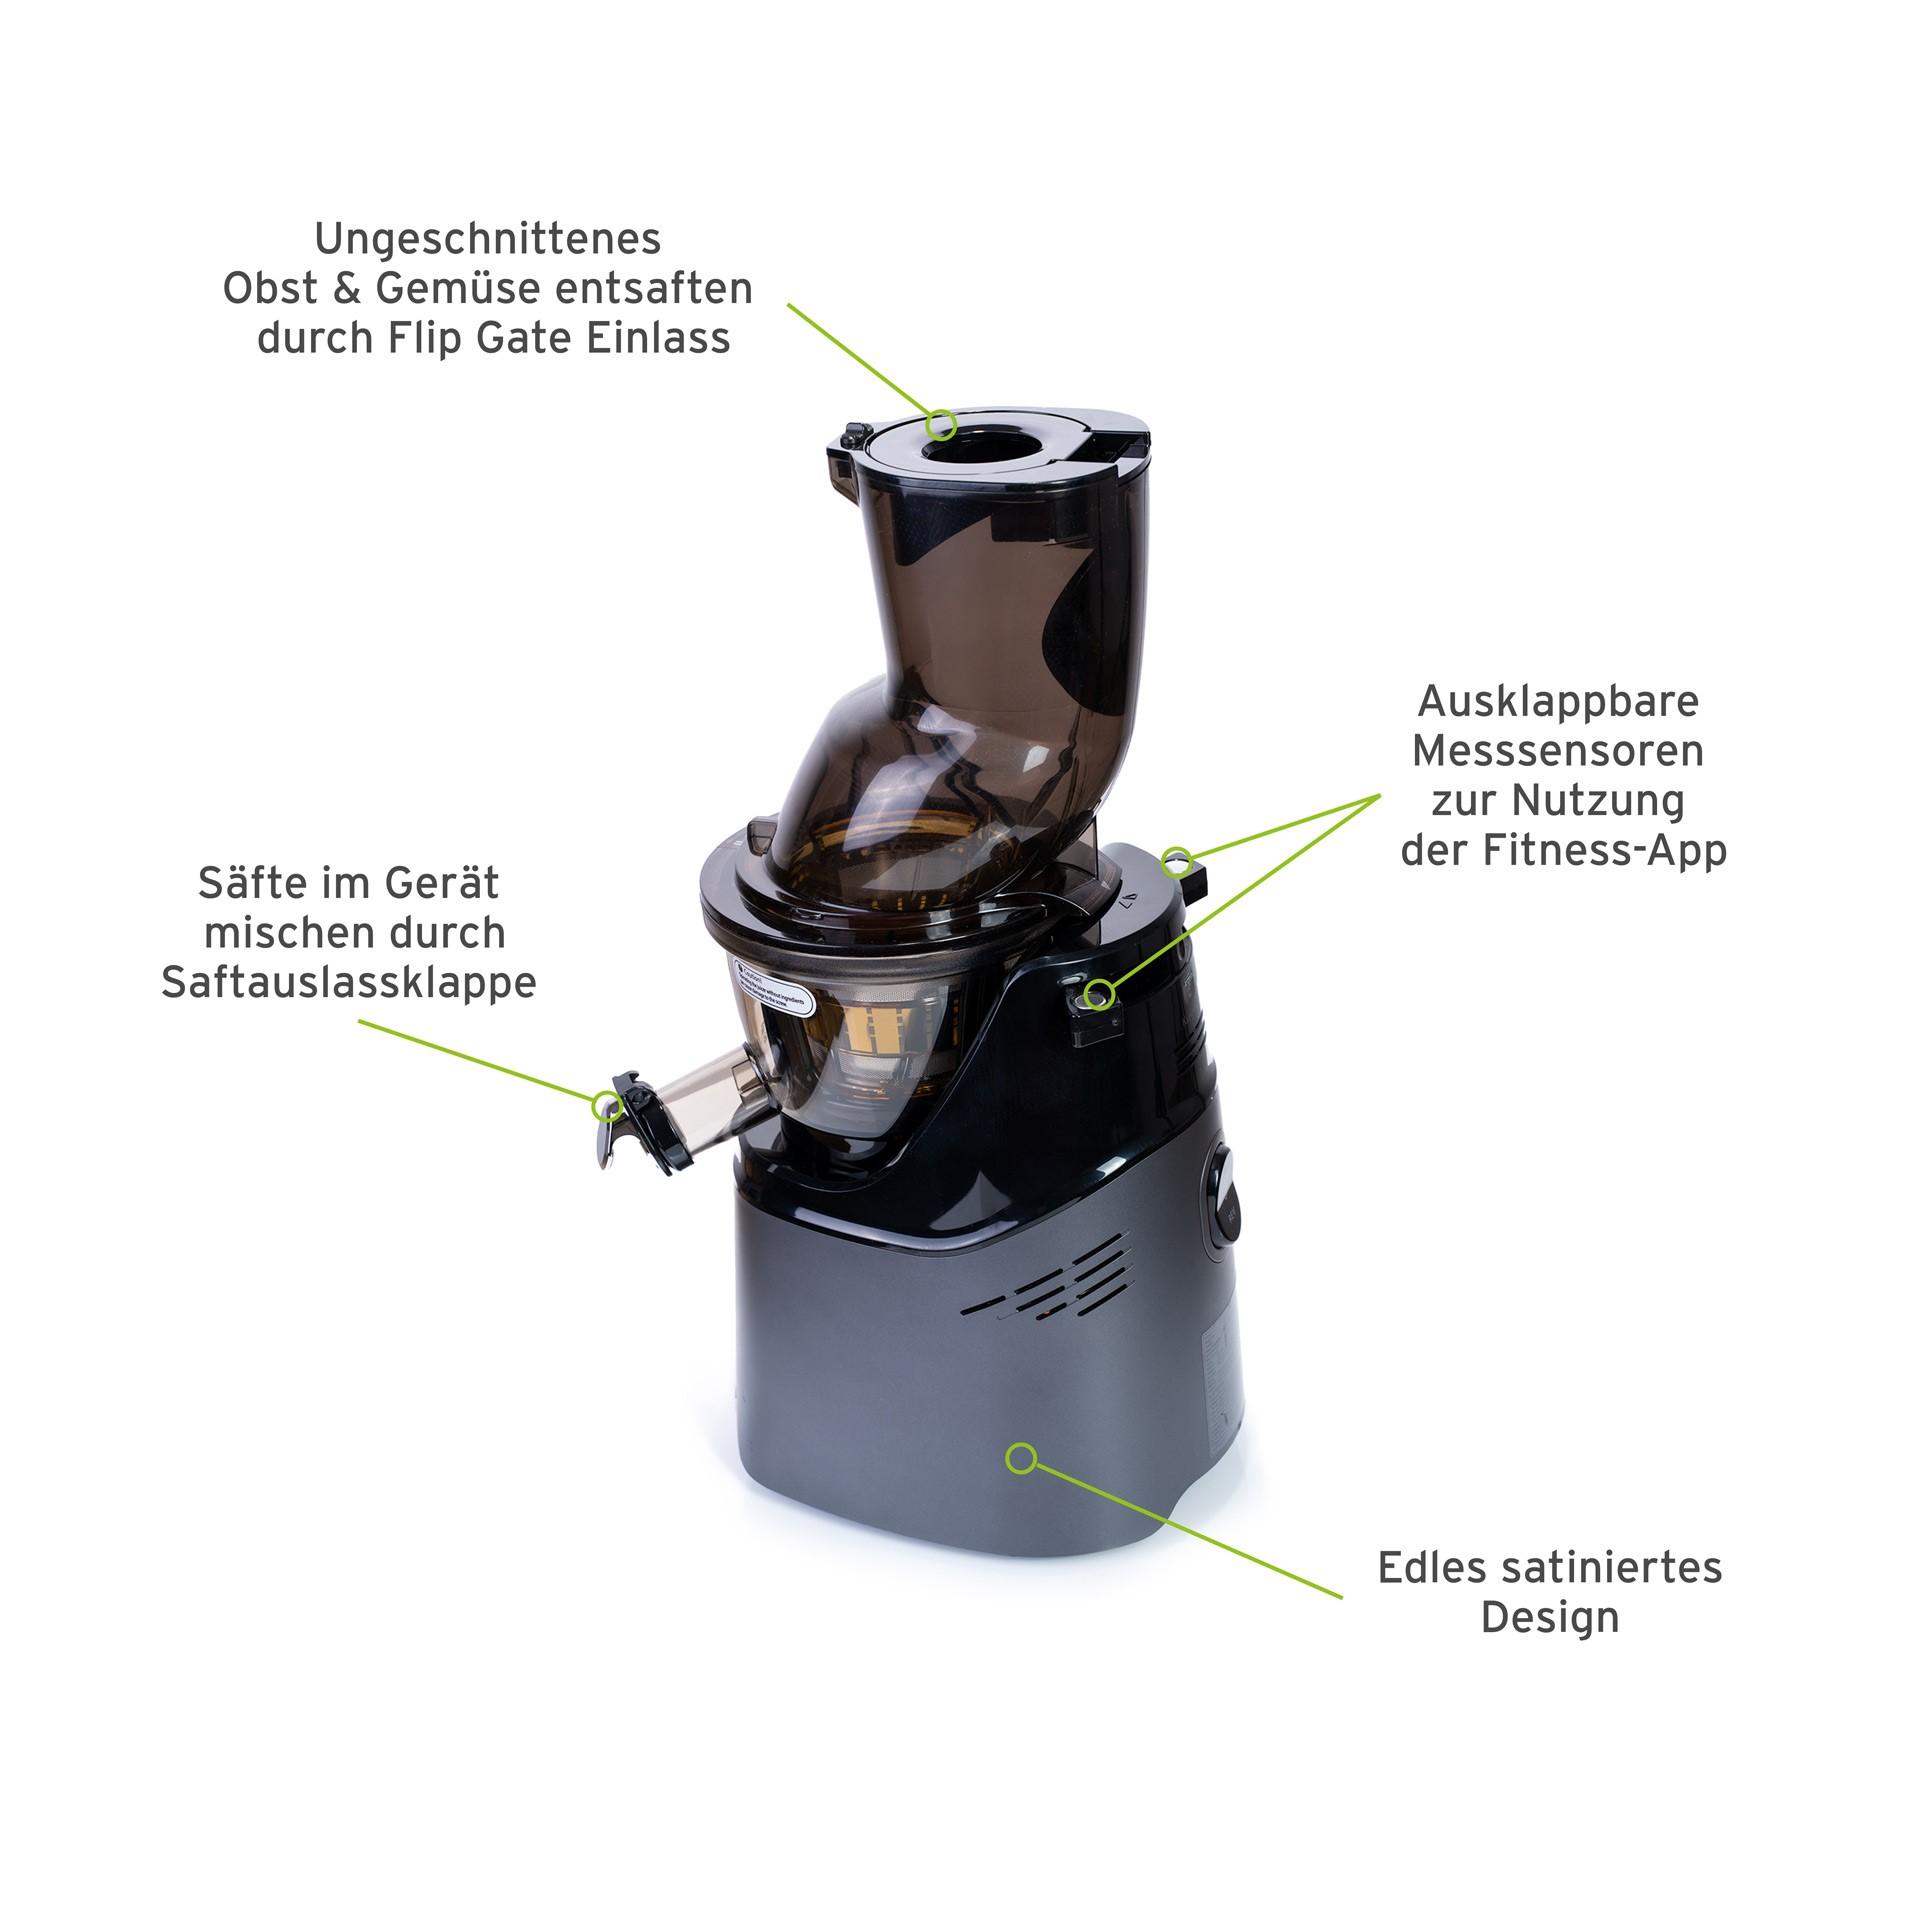 Kuvings IoT HealthFriend Juicer gun metal